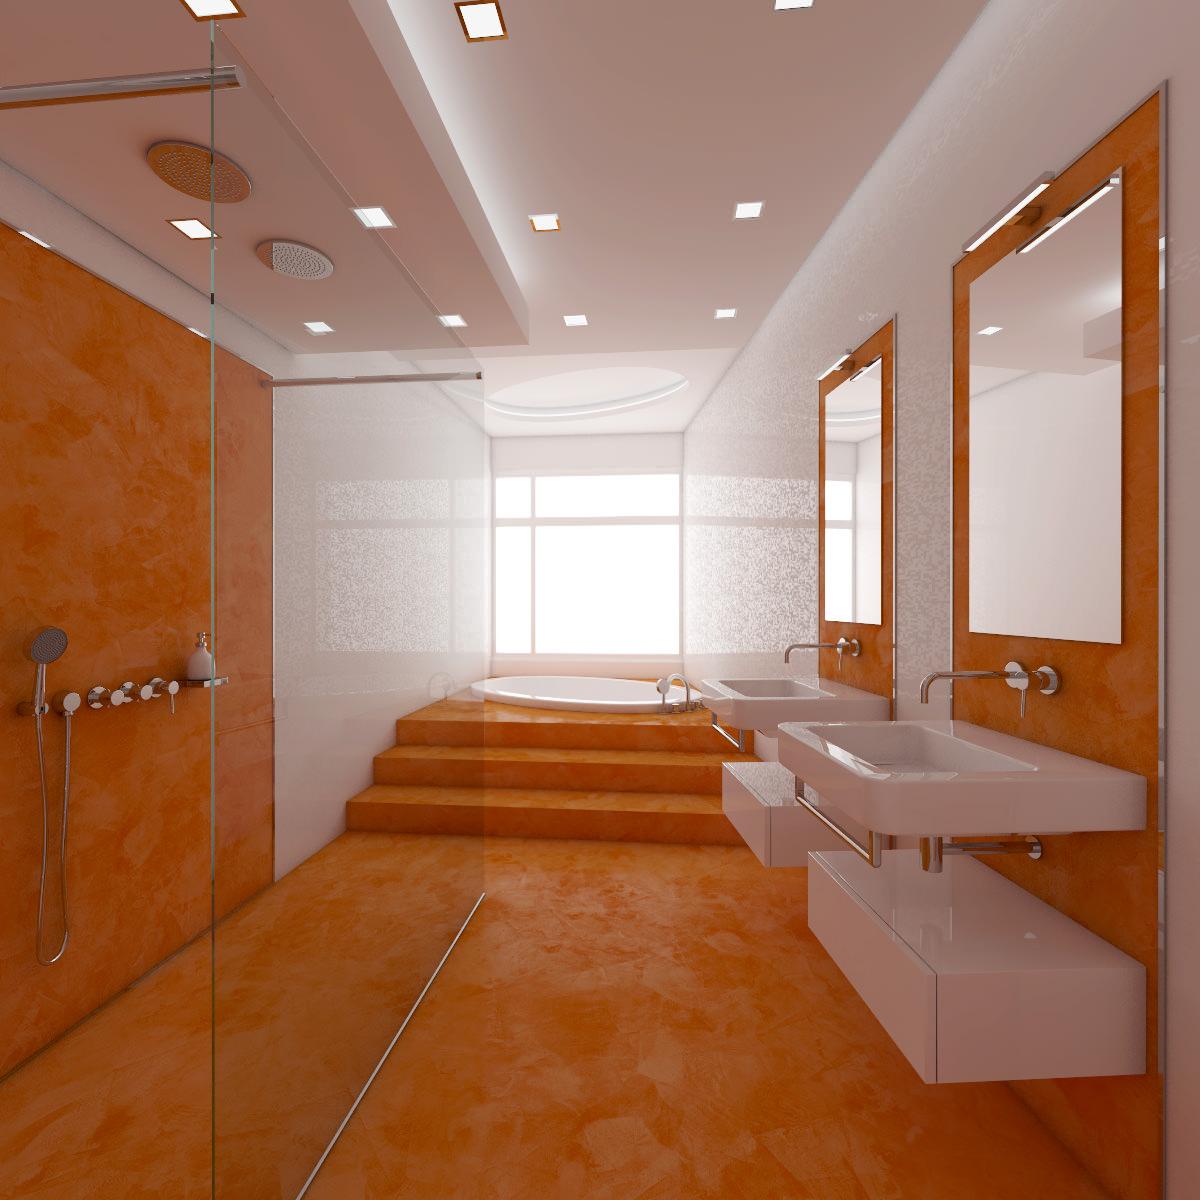 Белая и серебристая сантехника в оранжевой ванной